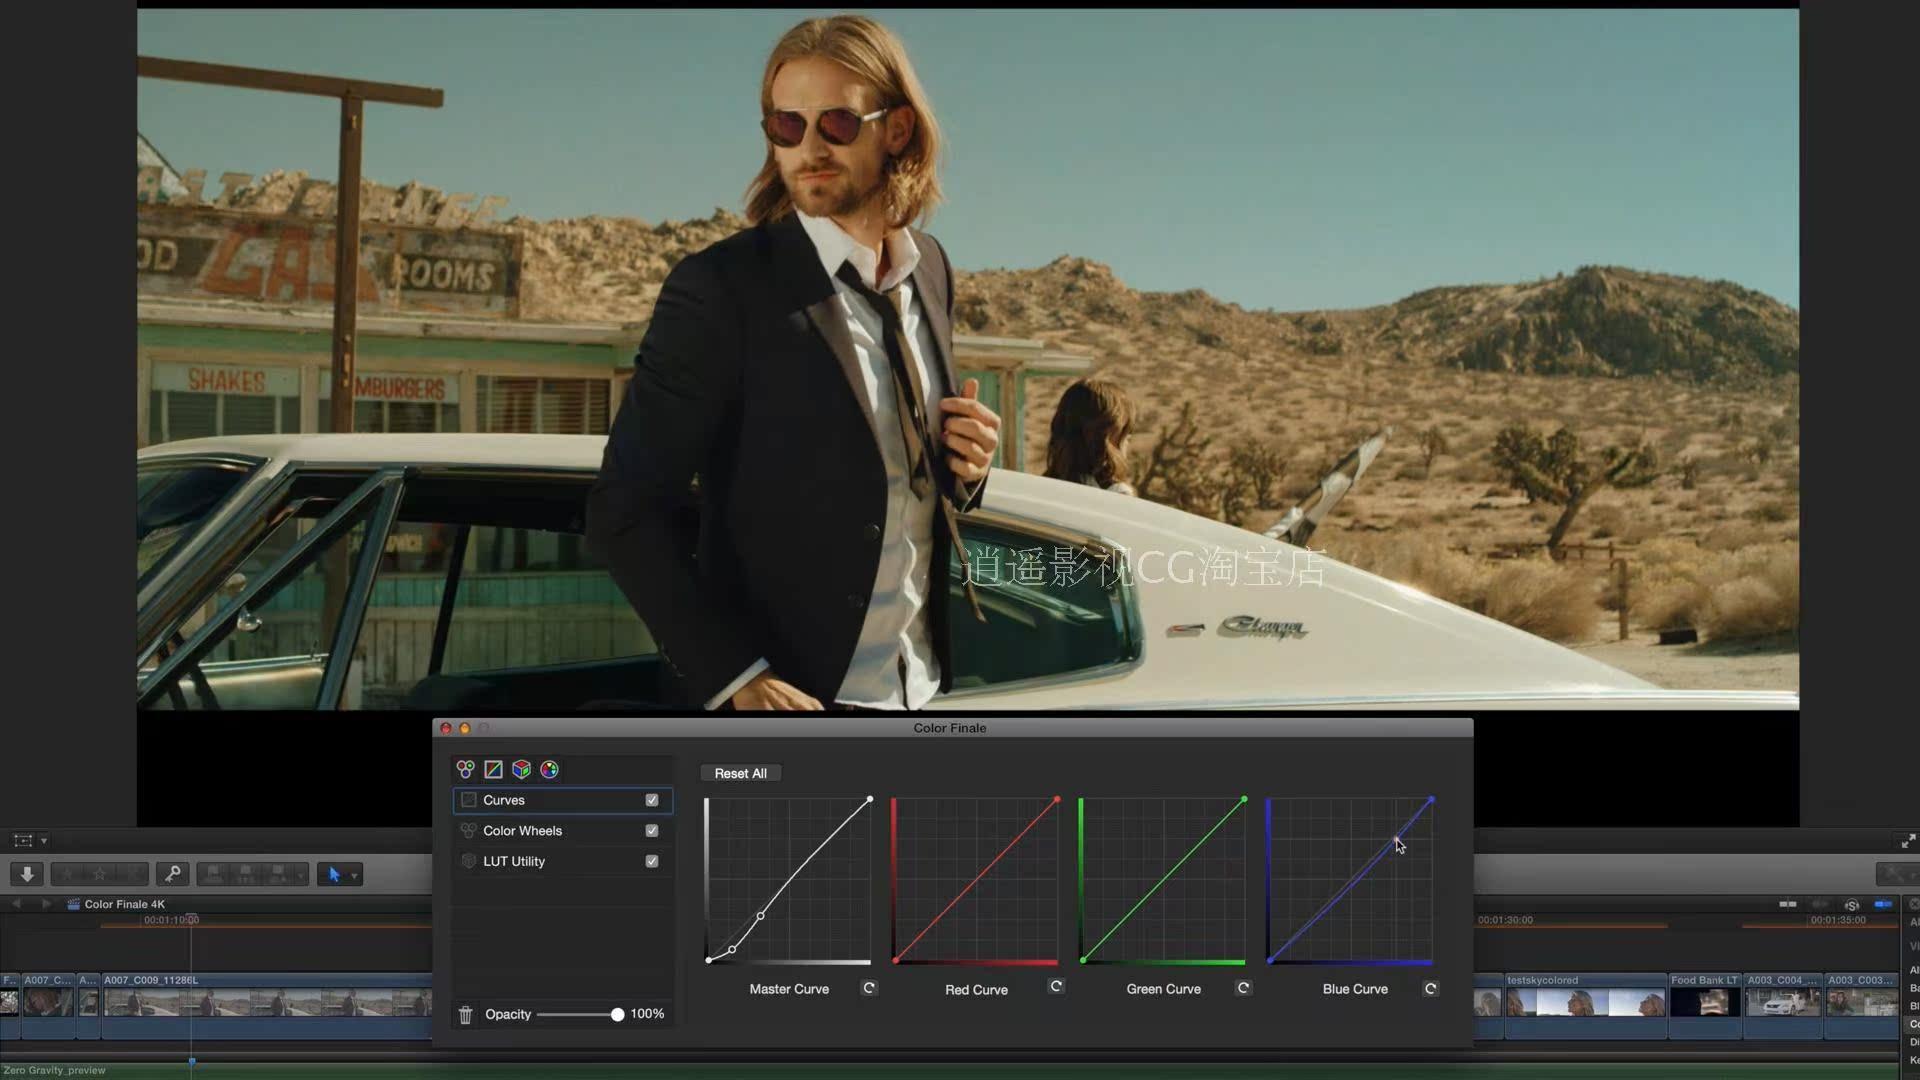 FCPX插件:专业电影颜色分级调色插件 ColorFinale V1.6.1(支持导入LUTS预设) - 第6张  | VFXREEL-逍遥影视CG部落